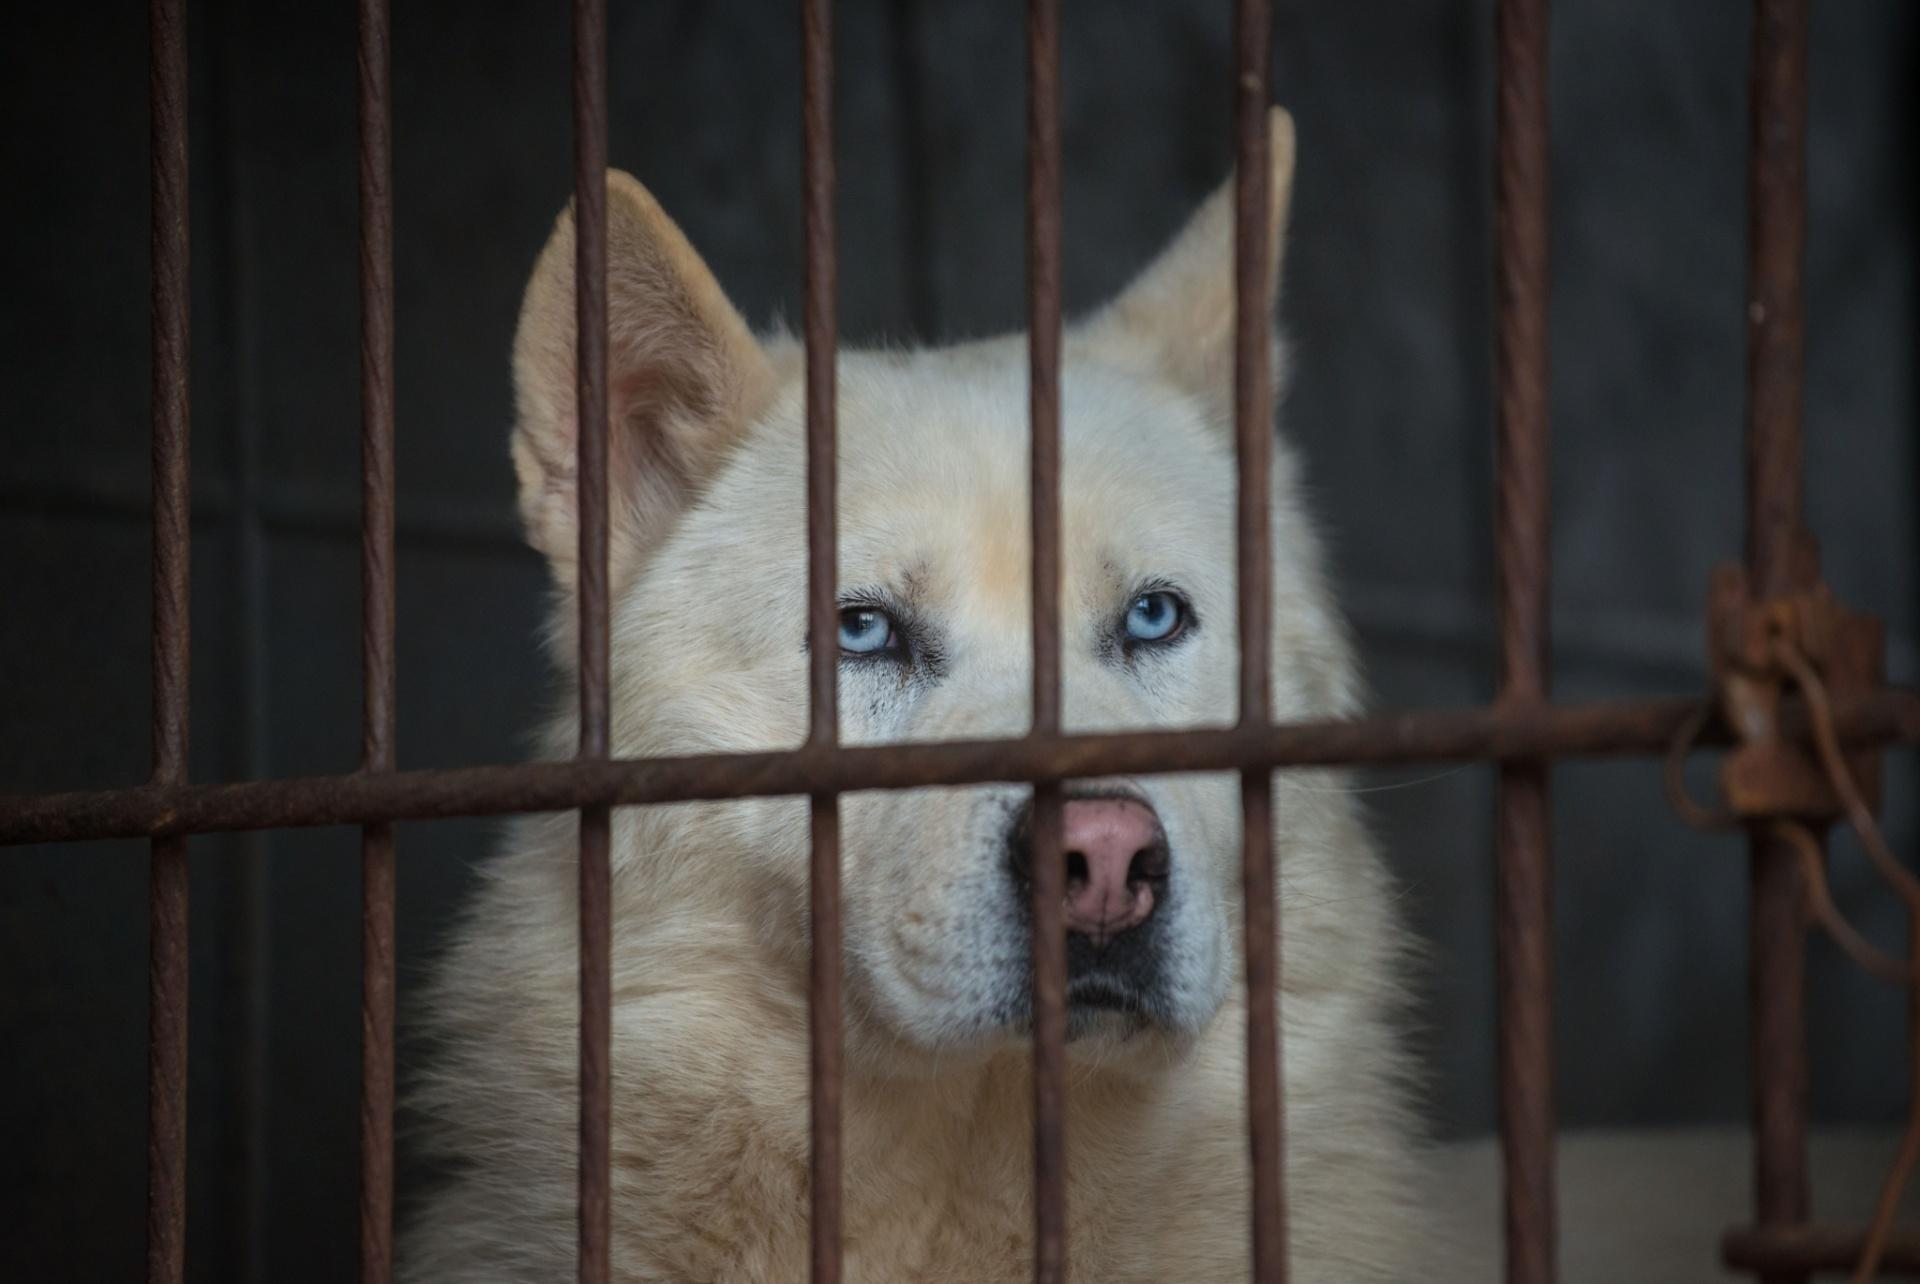 Cachorro, gato, cutia? Saiba que animais podem ser comidos no Brasil -  26/10/2016 - UOL Notícias